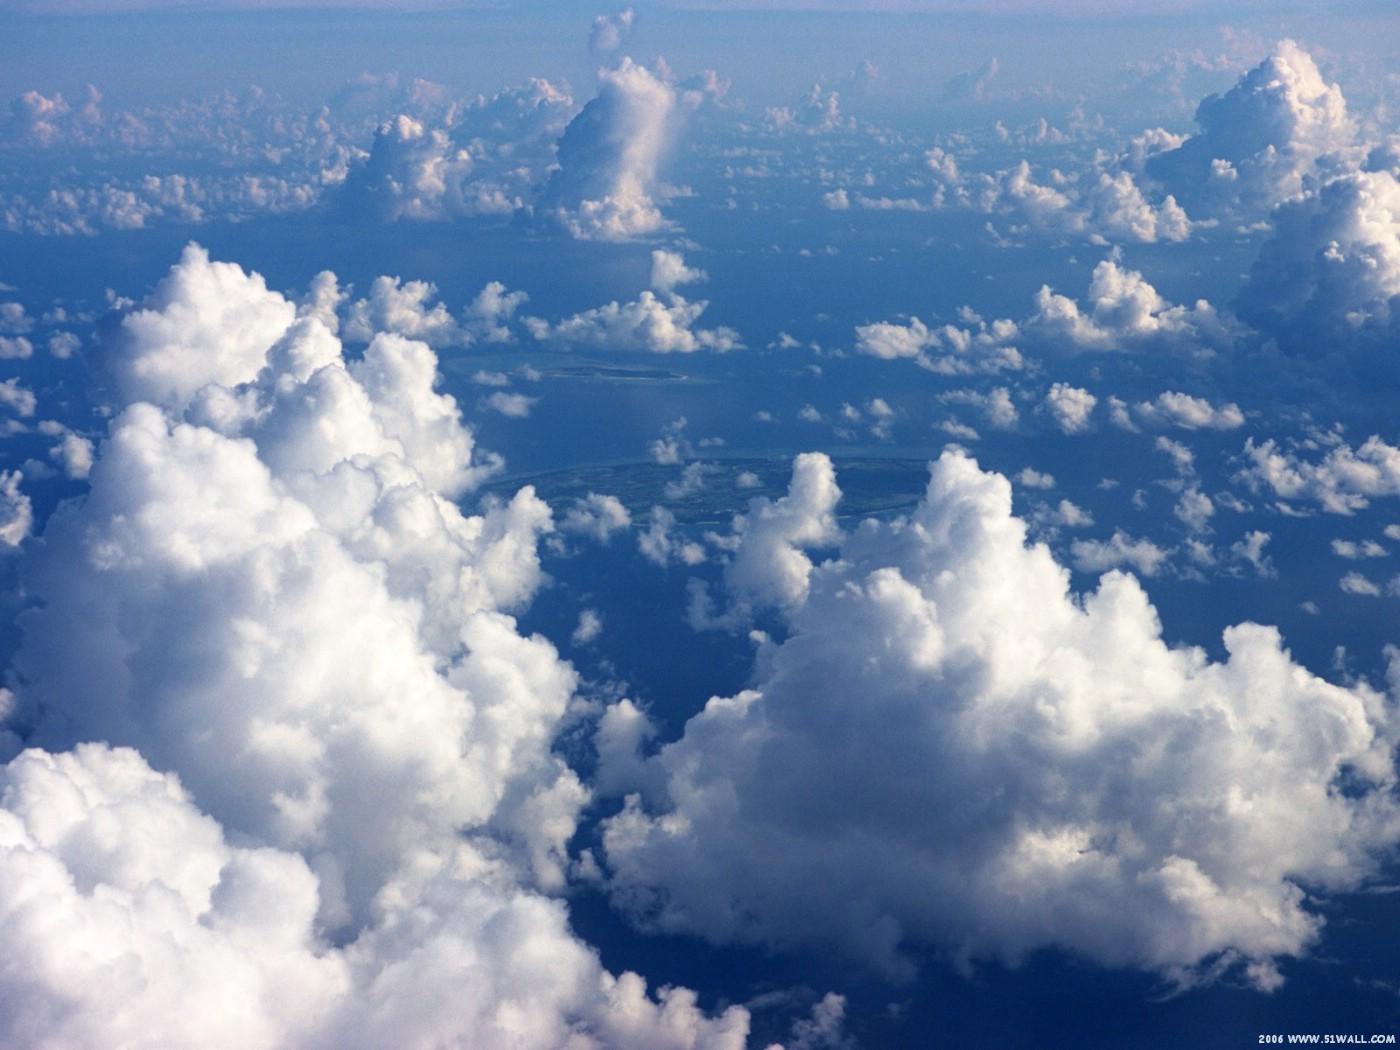 壁纸1400×1050蓝天白云 2壁纸 蓝天白云2壁纸图片人文壁纸人文图片素材桌面壁纸